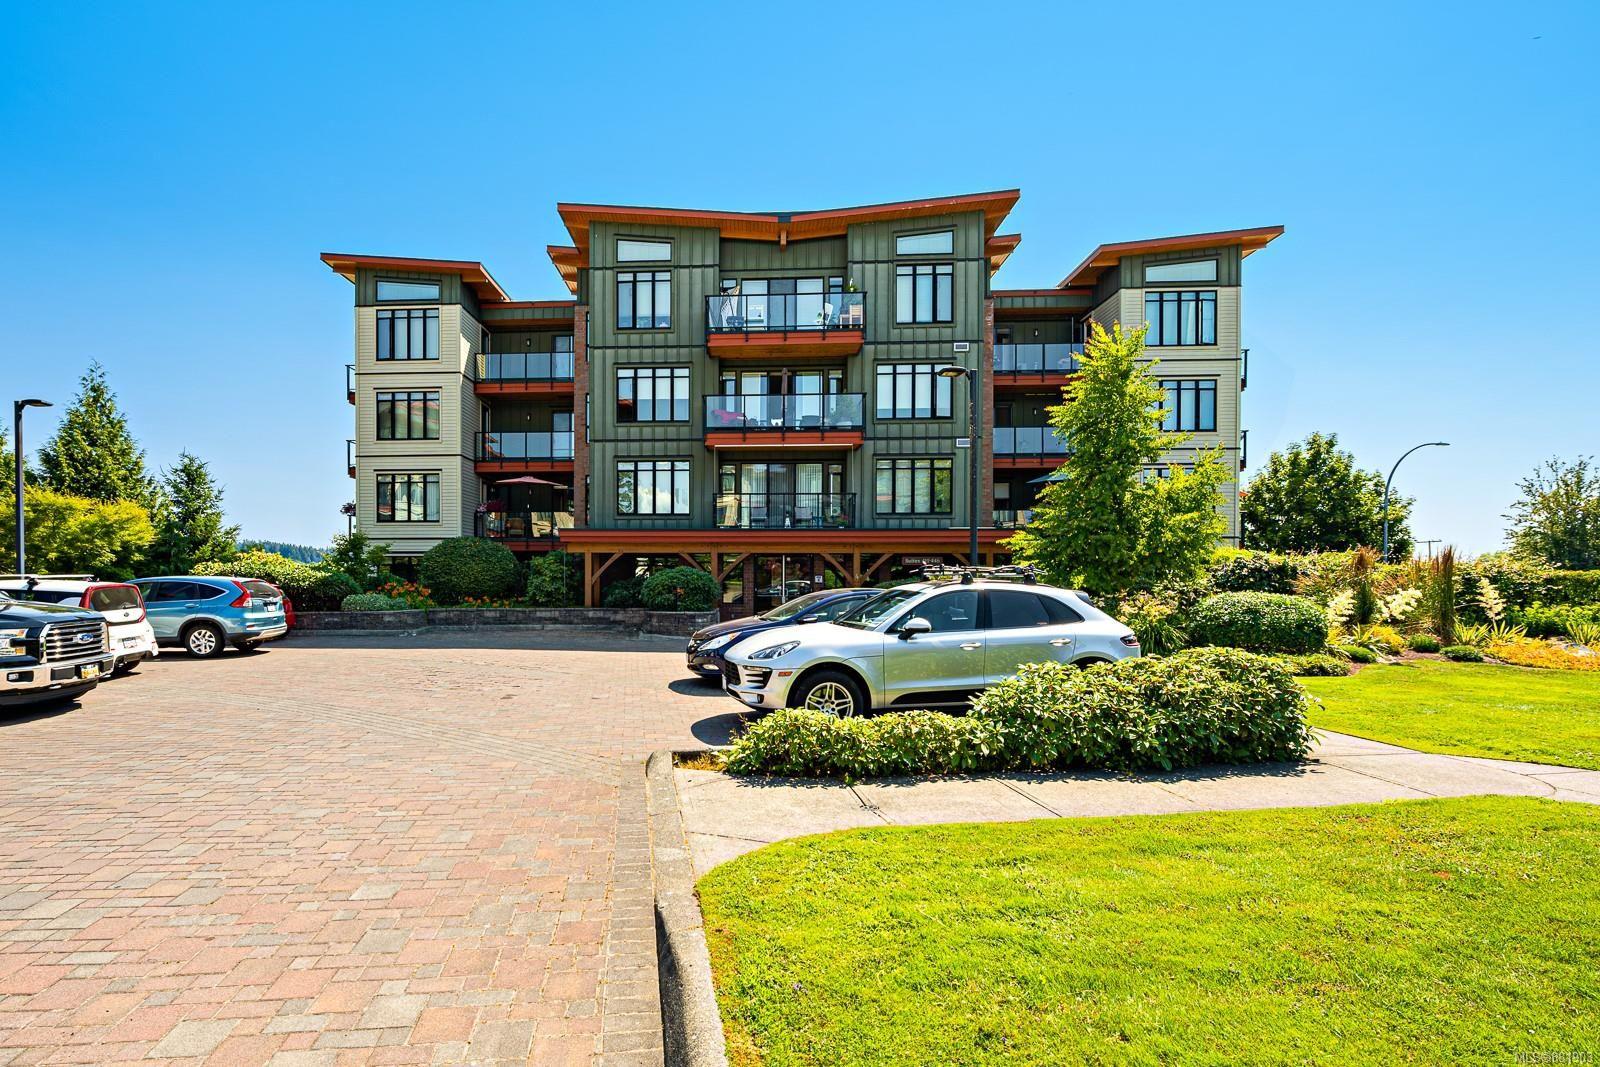 Main Photo: 413 2300 Mansfield Dr in : CV Courtenay City Condo for sale (Comox Valley)  : MLS®# 881903